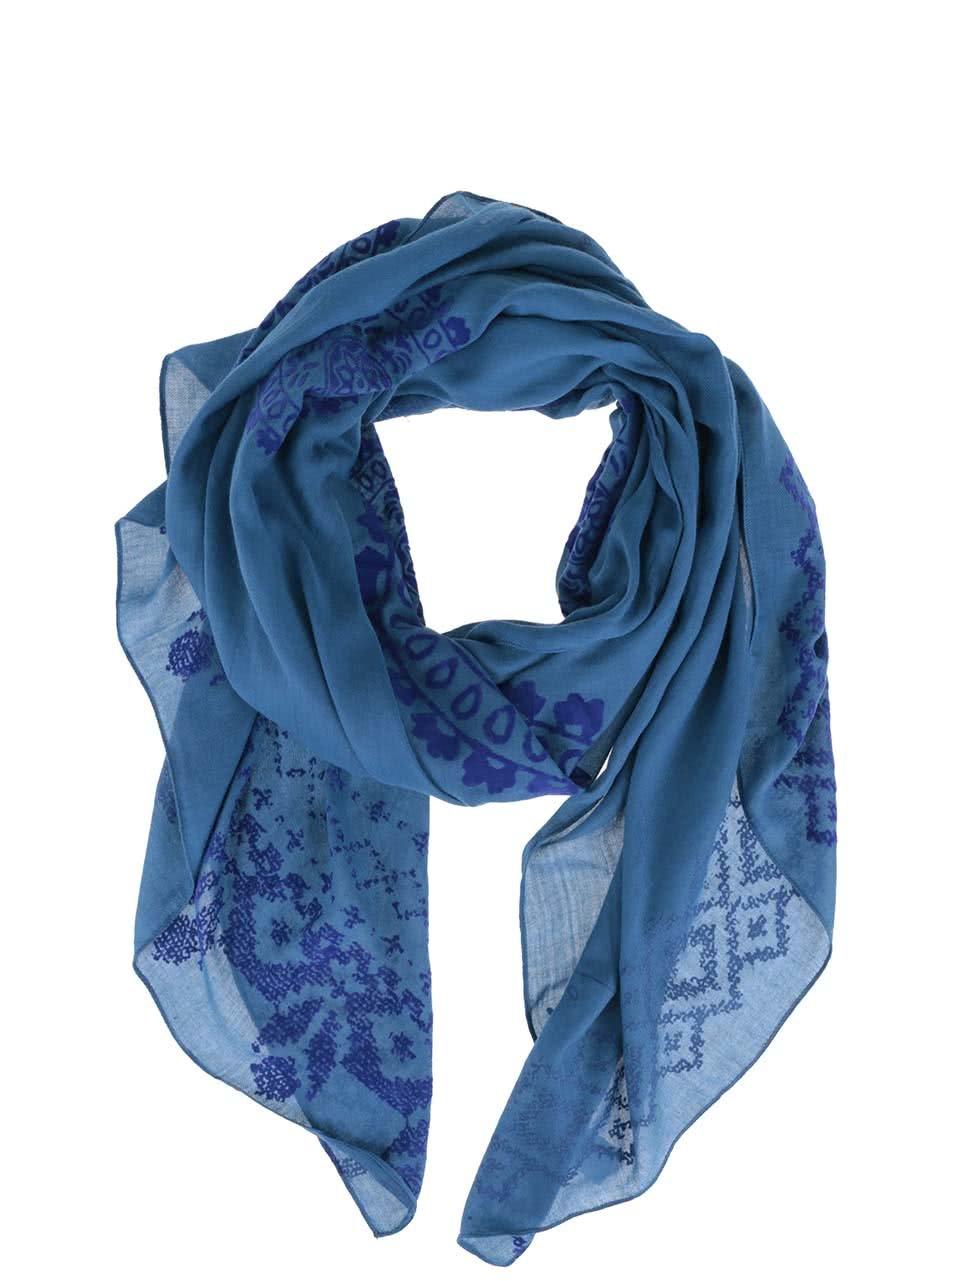 Modrý vzorovaný šátek Desigual Wool